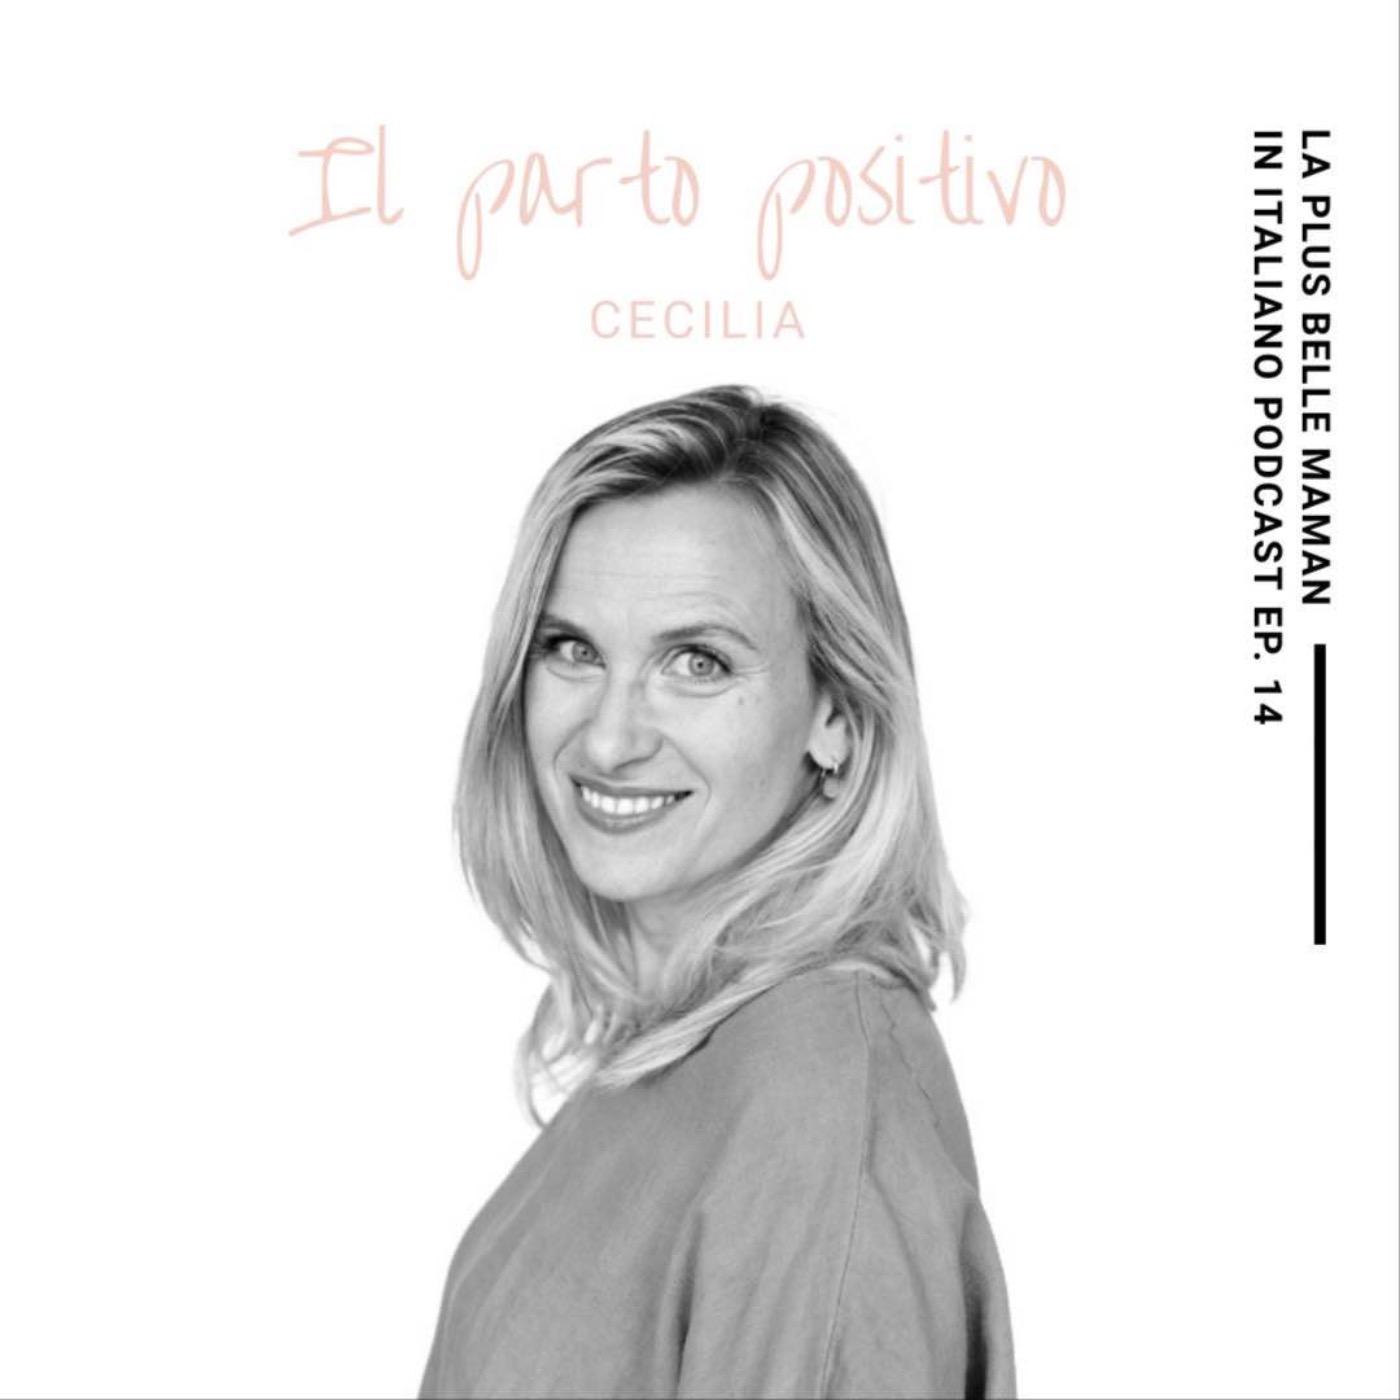 🇮🇹 Il parto positivo con Cecilia Di @ilpartopositivo